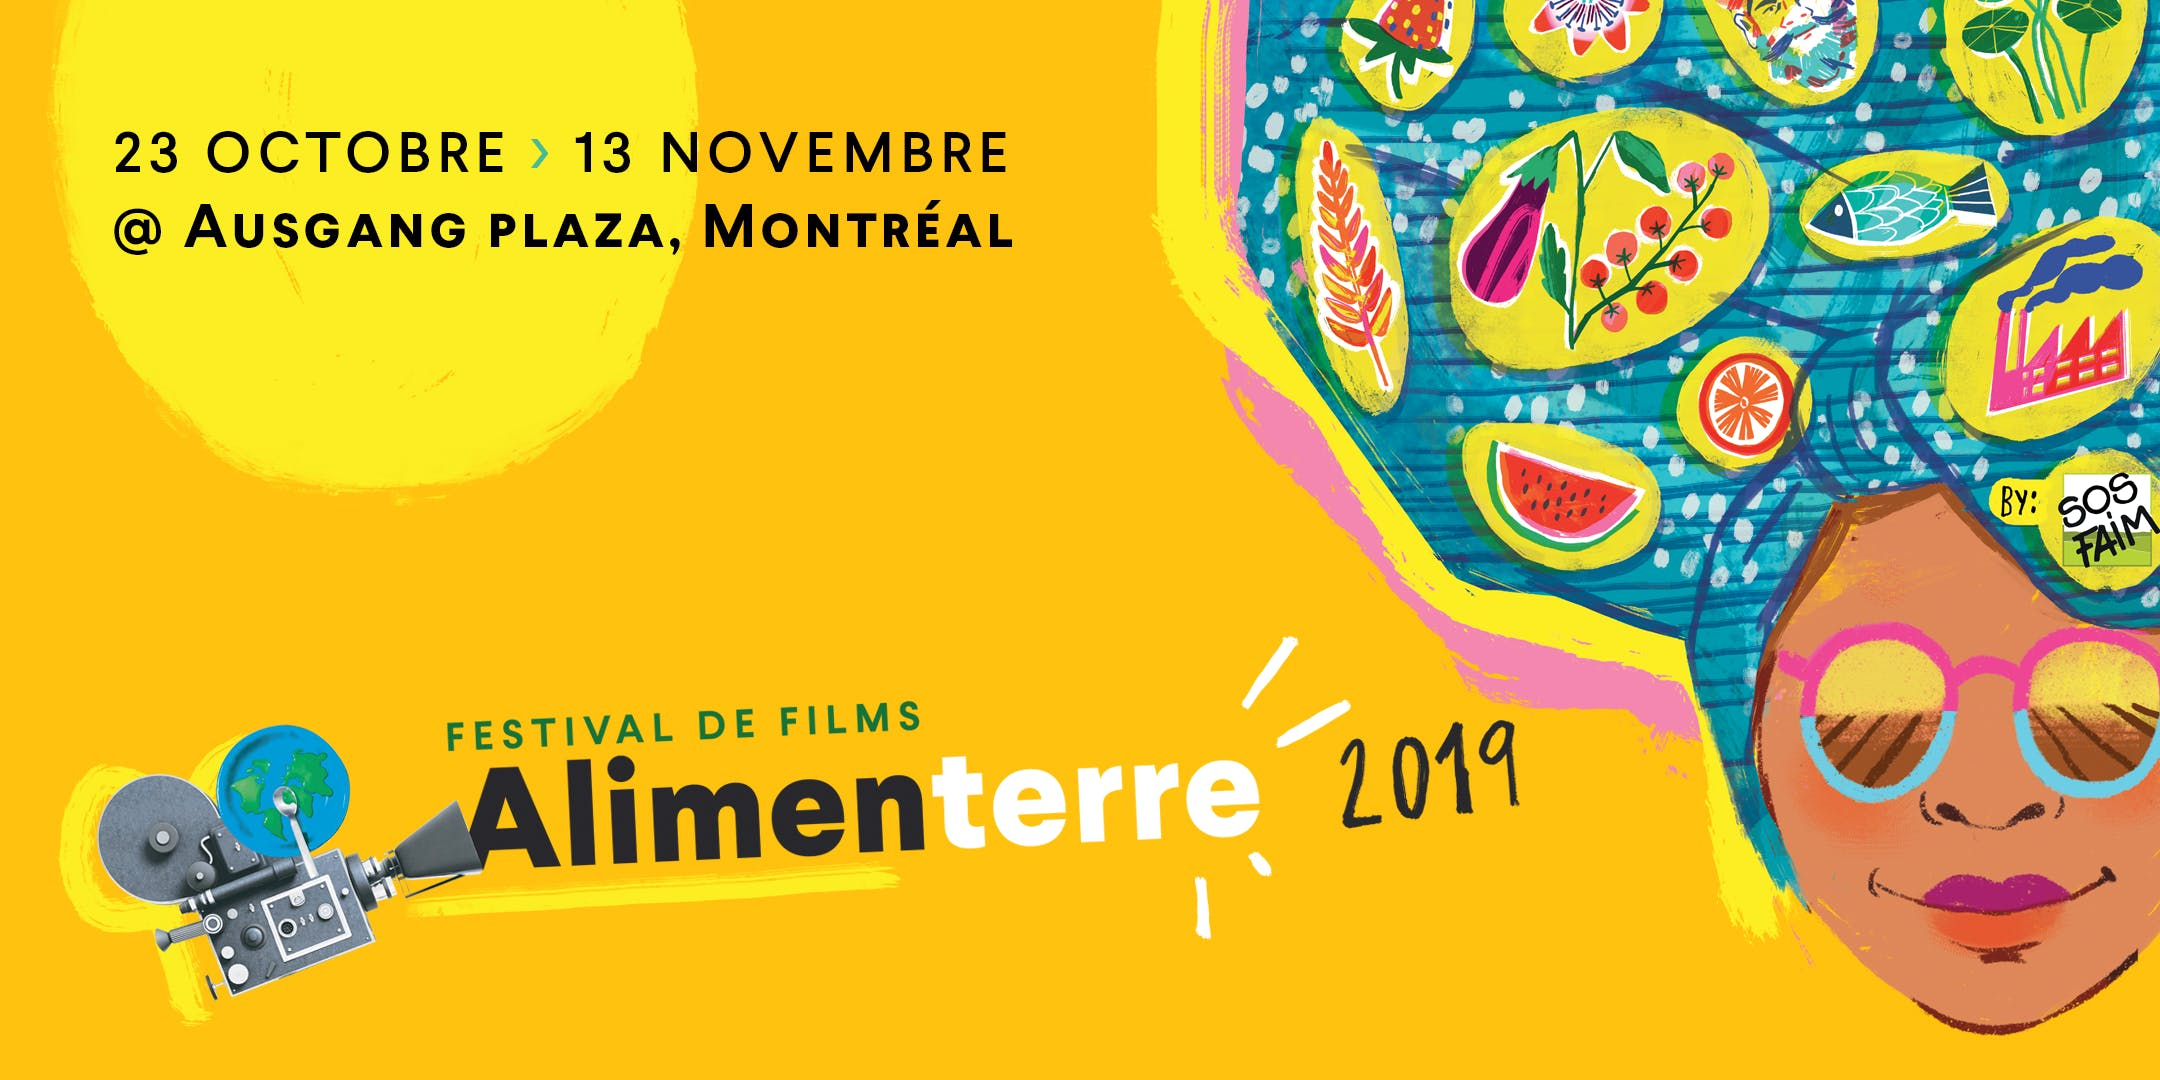 Festival de films Alimenterre 2019 @ Montréal